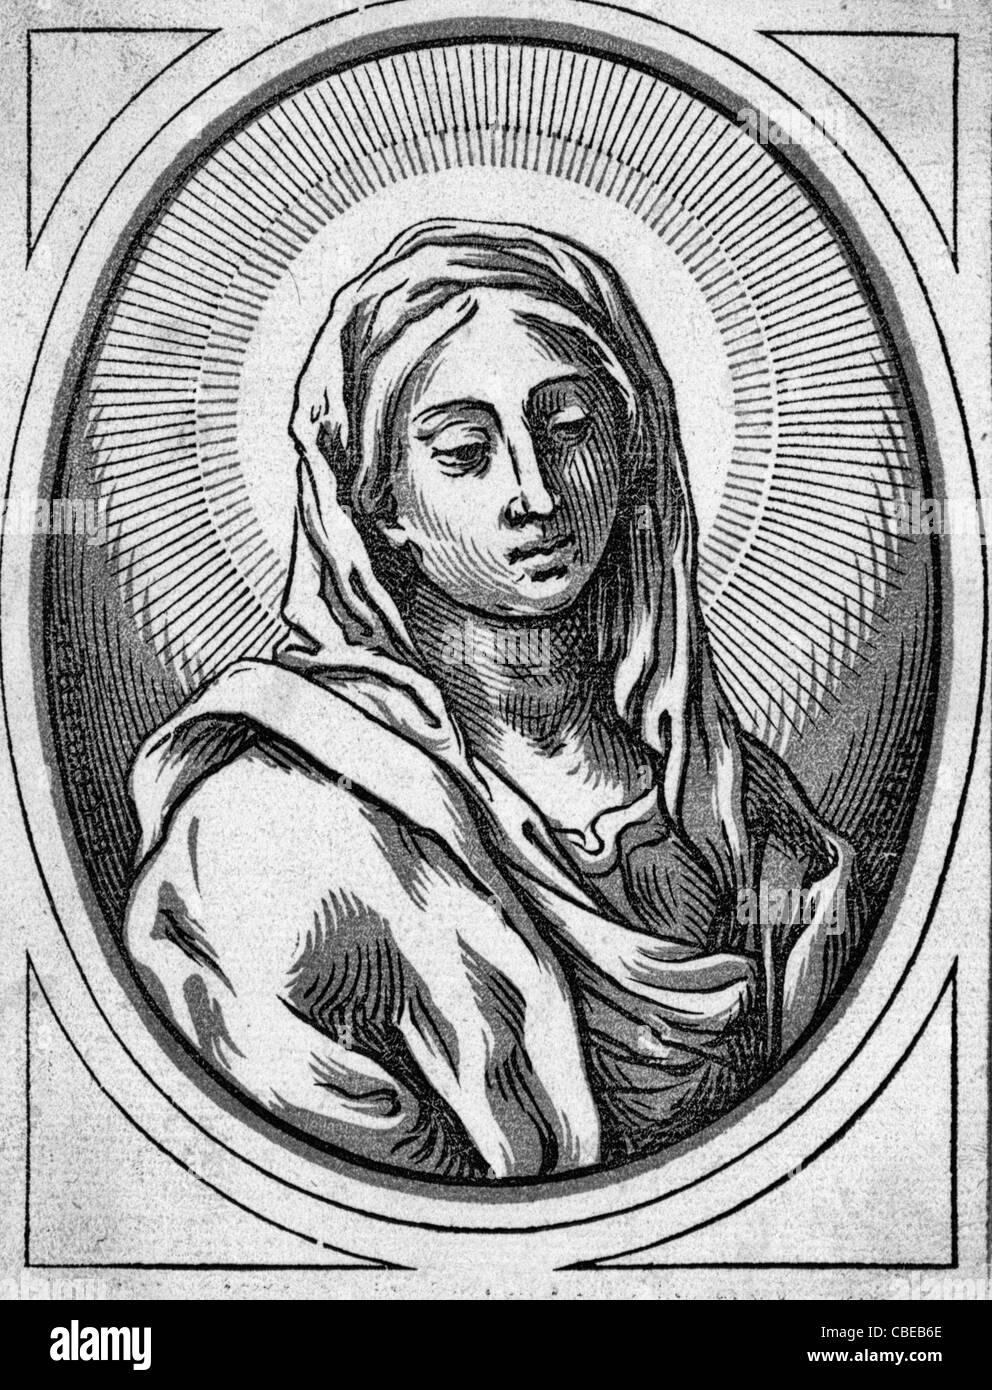 Cabeça da Virgem - xilogravura da cabeça da Virgem Maria Imagens de Stock